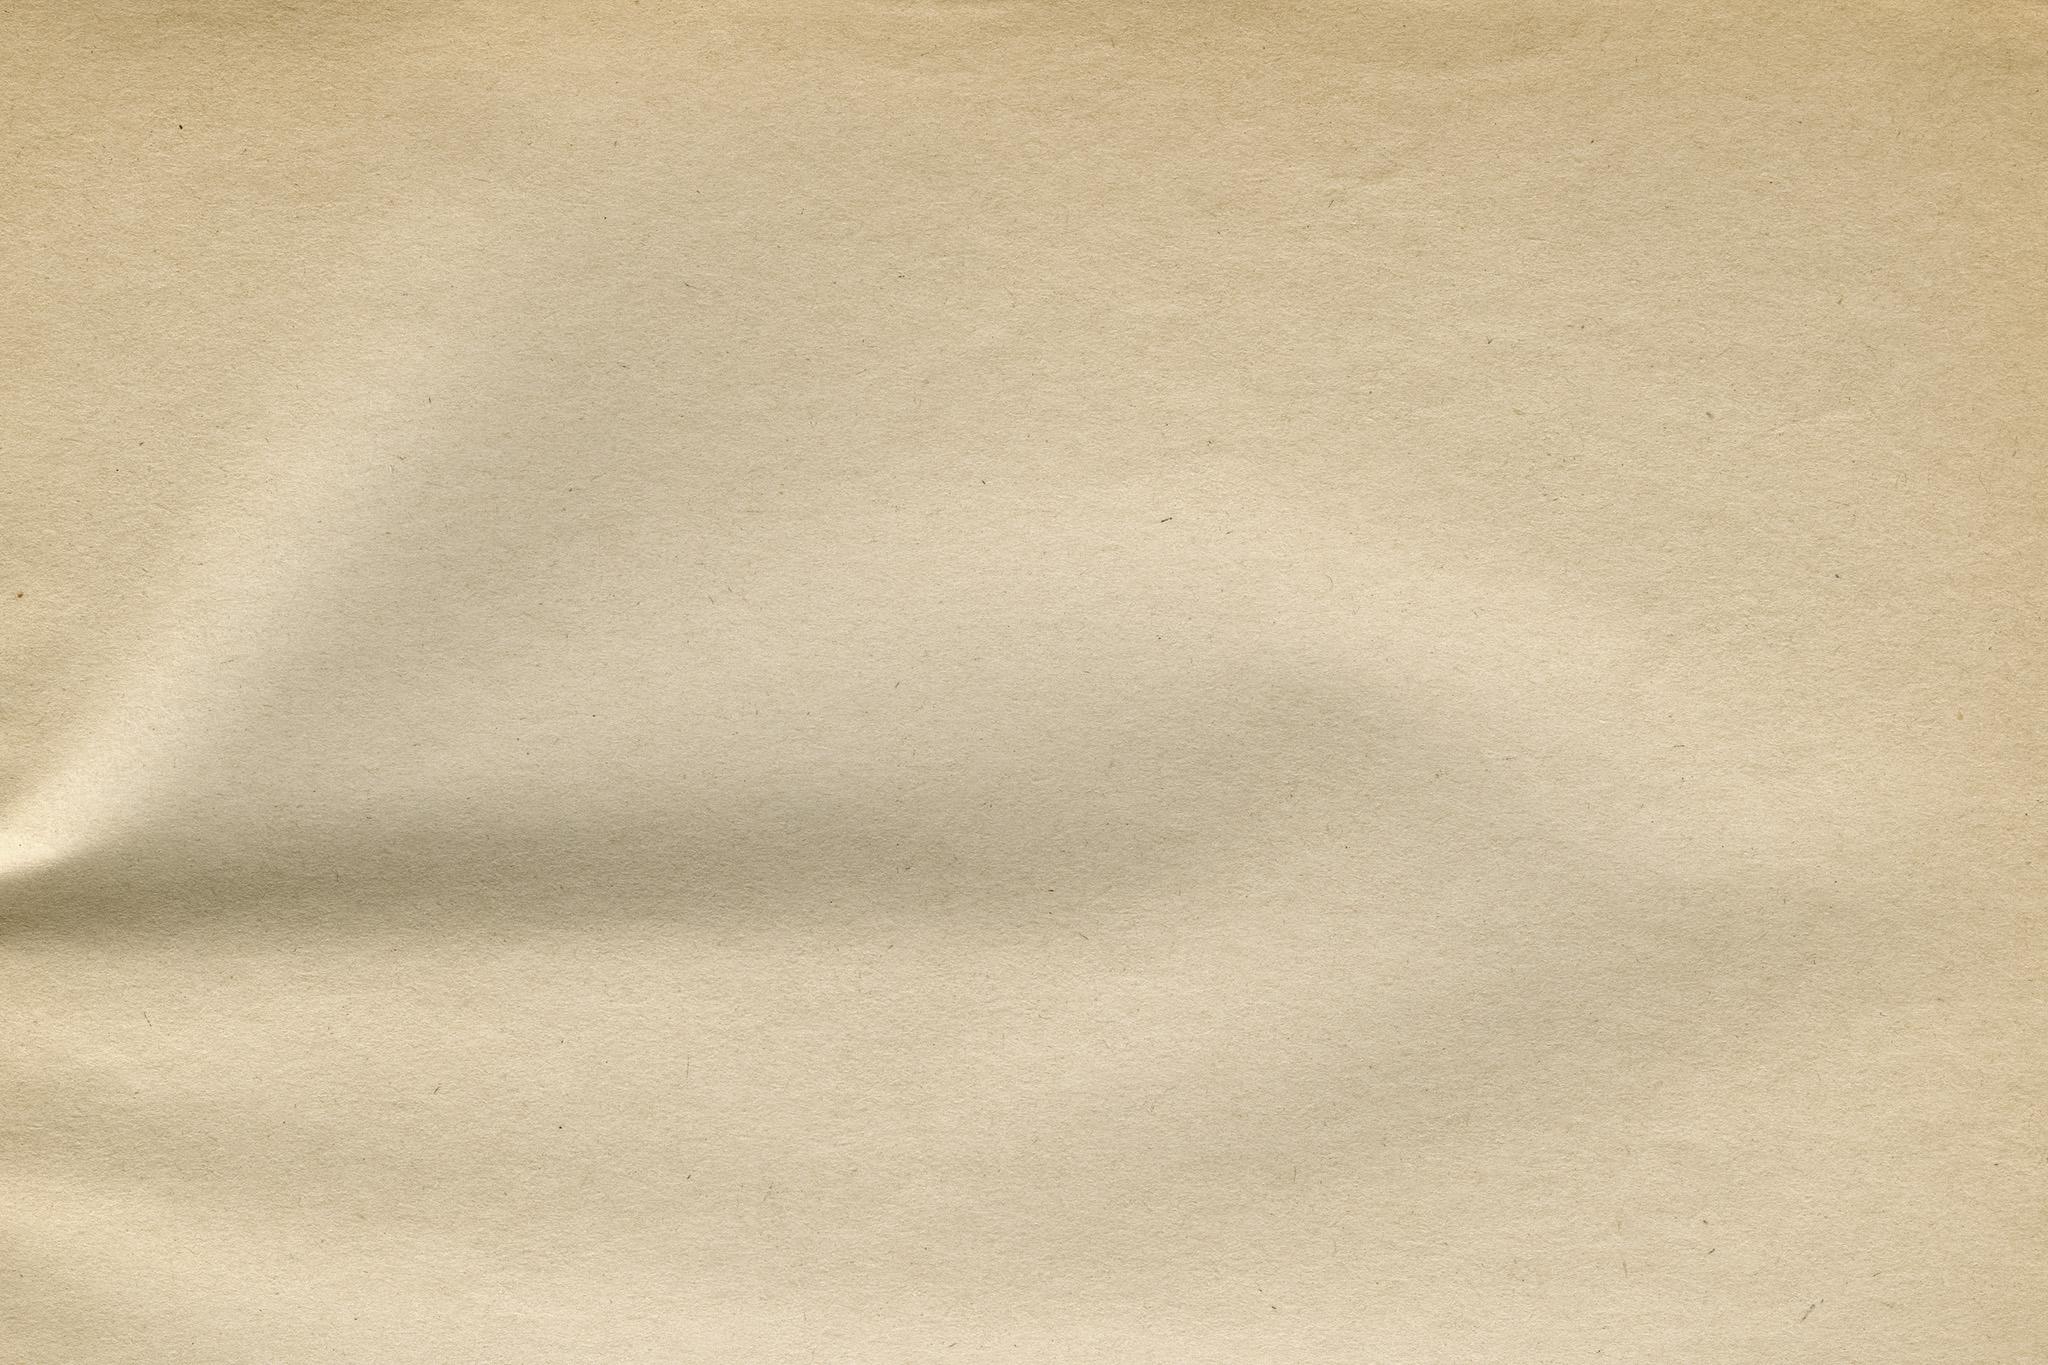 「シワのある古紙のテクスチャ」の素材を無料ダウンロード